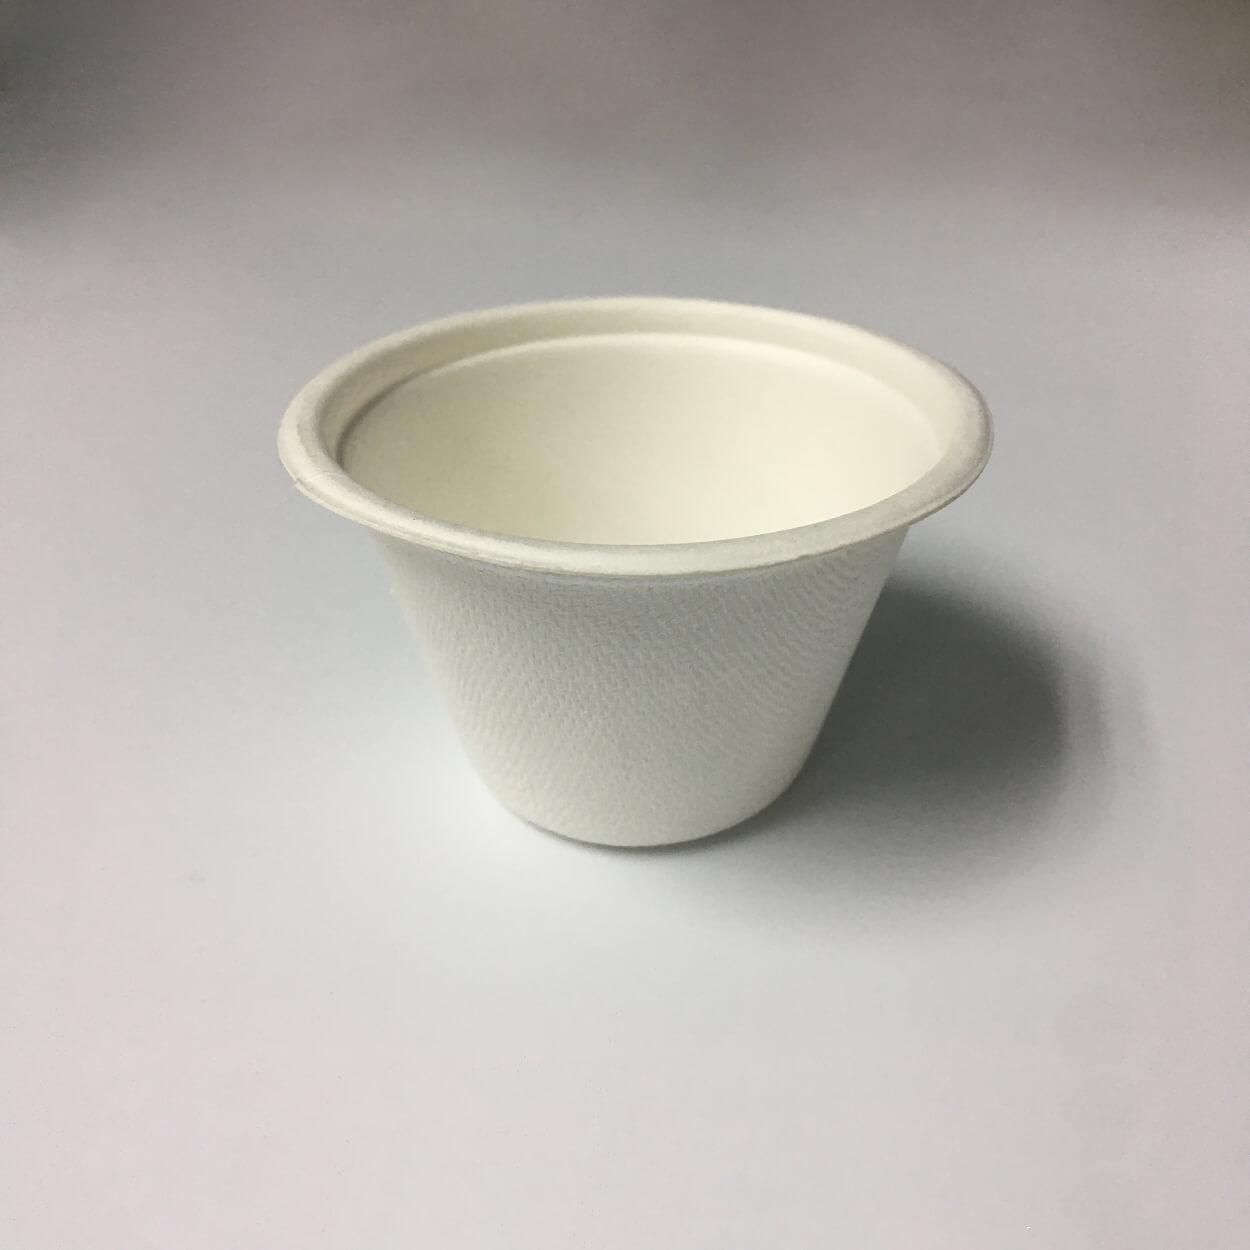 ΣΩΣΑΚΙ ΒΙΟ SugarCane 4oz/120cc (100τ)